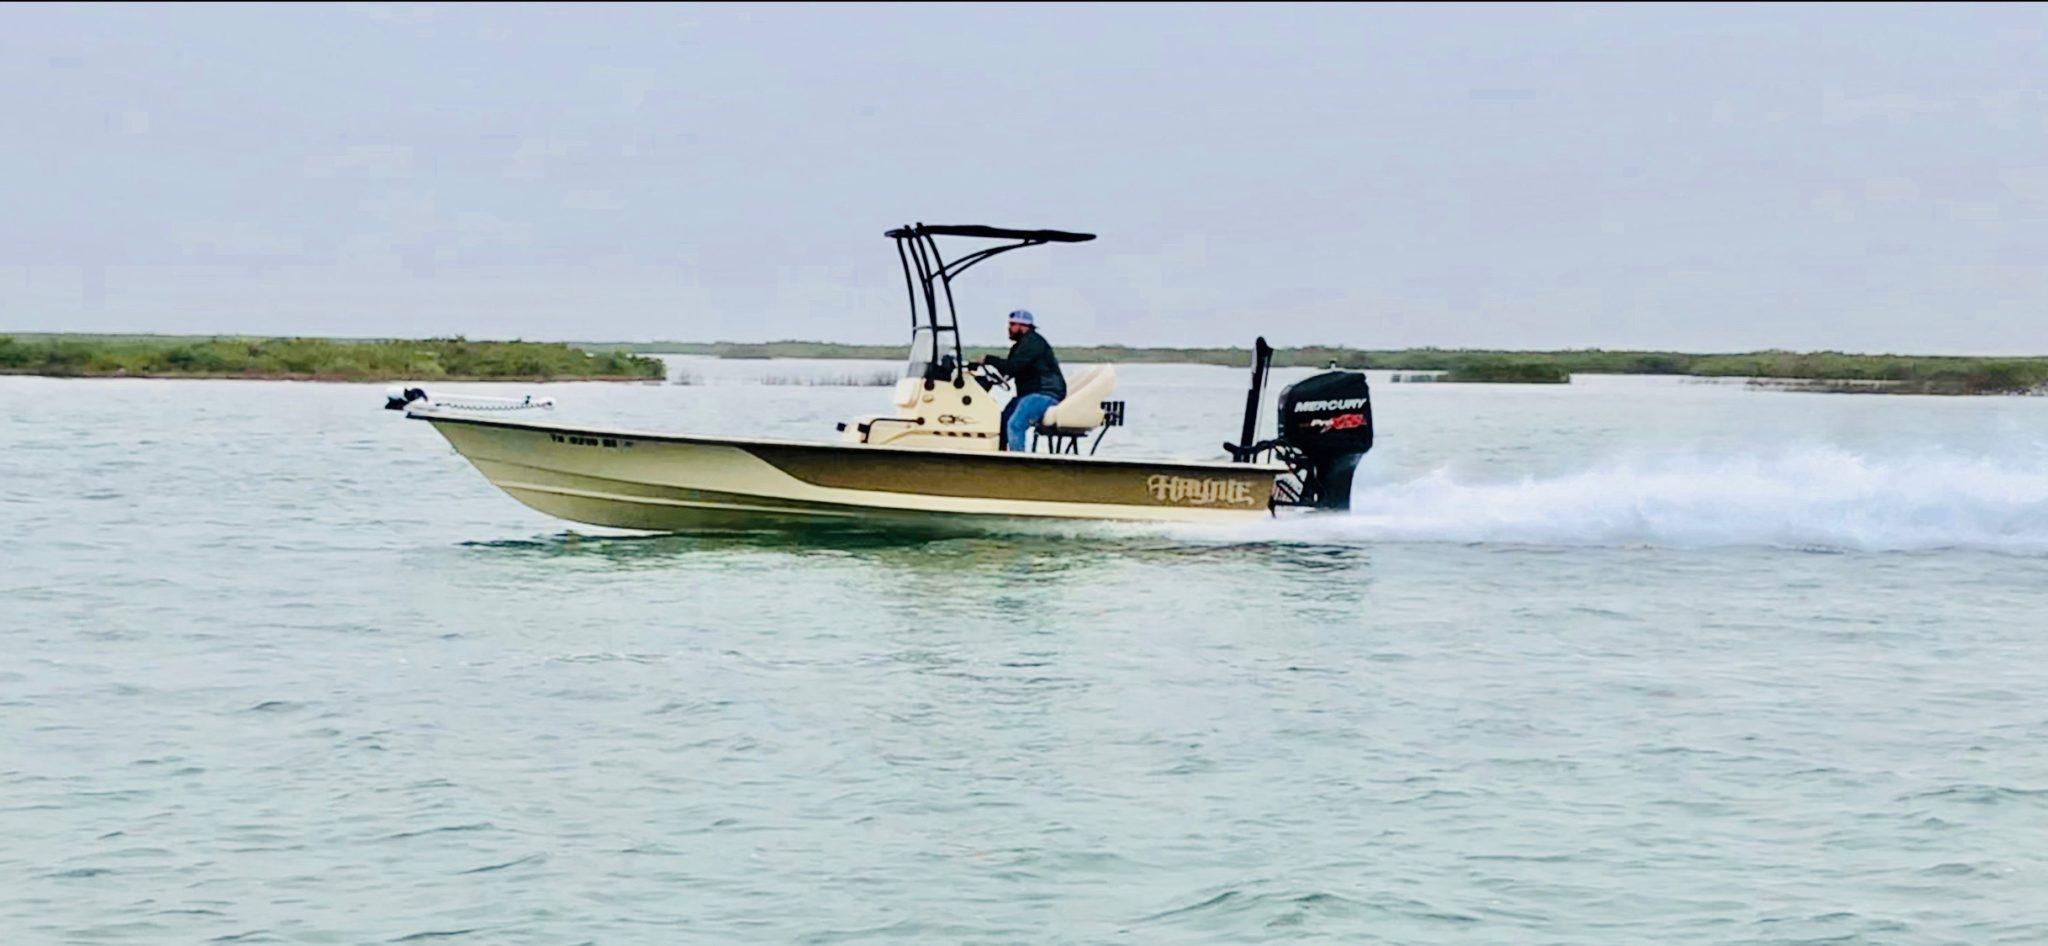 Haynie Custom Bay Boats - 25' Magnum - Gulf Coast Mariner Magazine